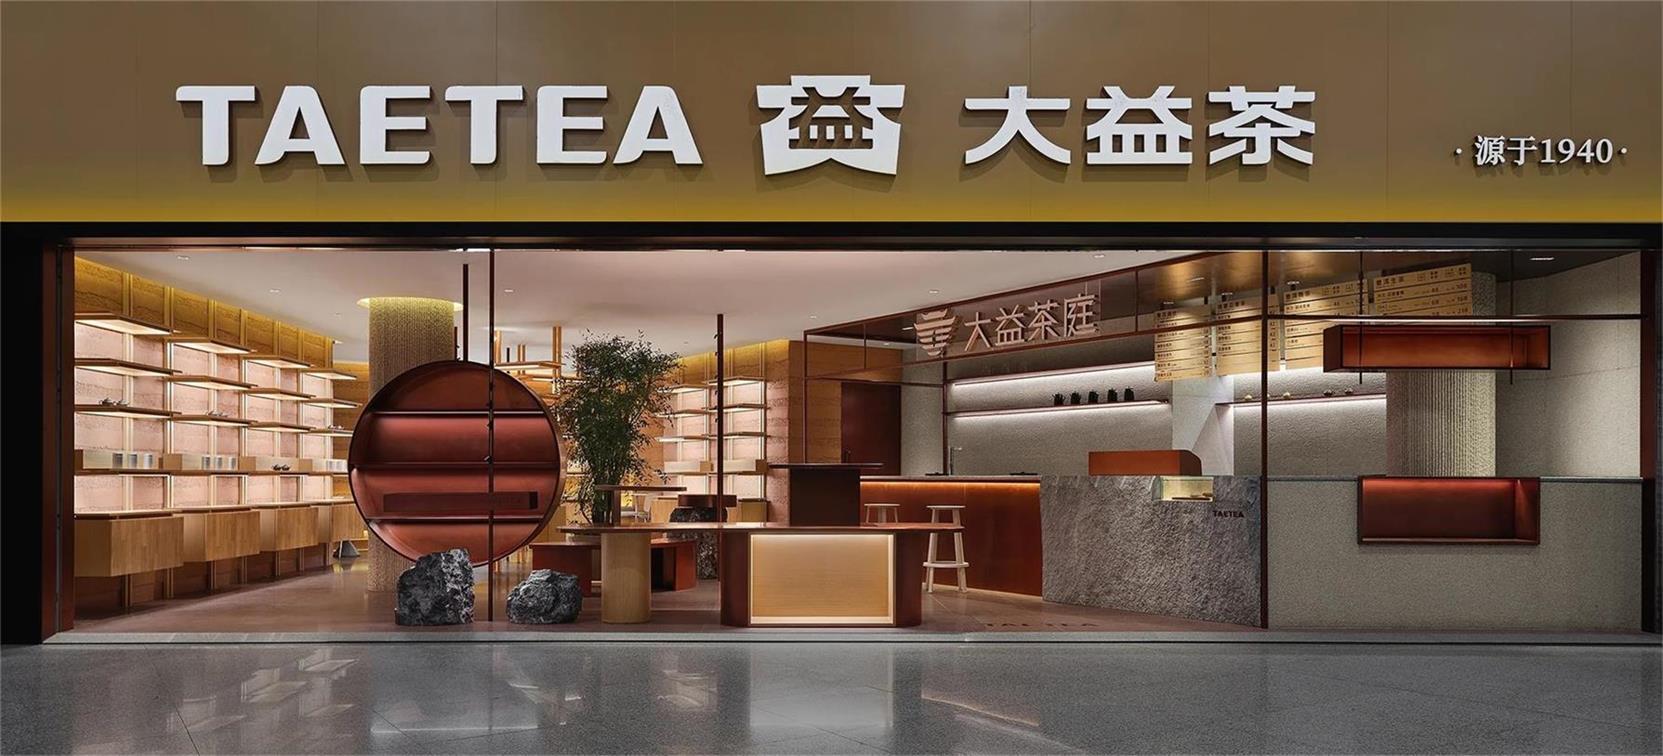 茶文化体验馆门头设计